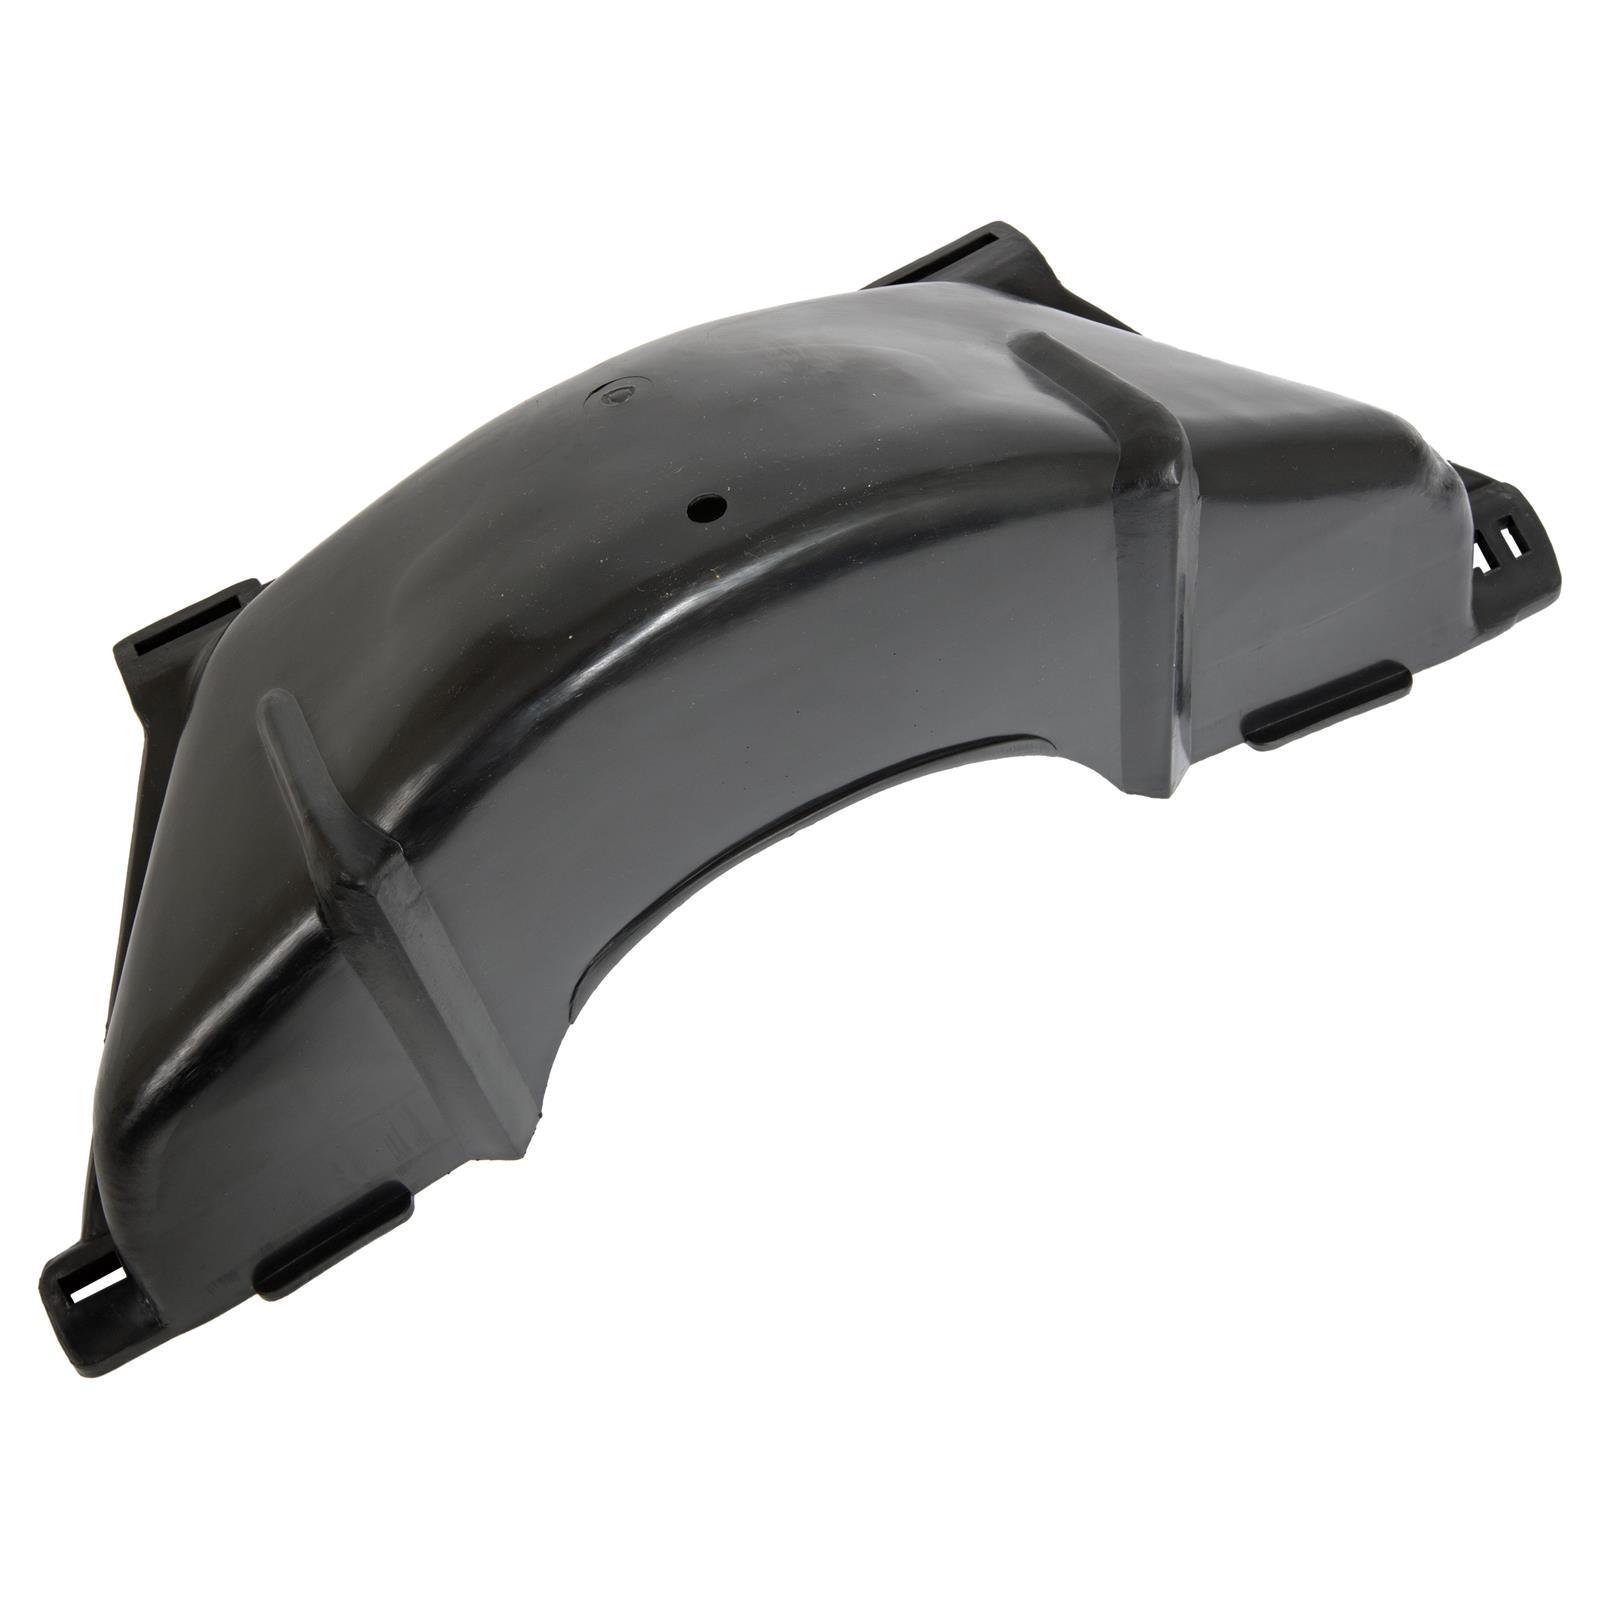 Danchuk Torque Converter Dust Covers 16974